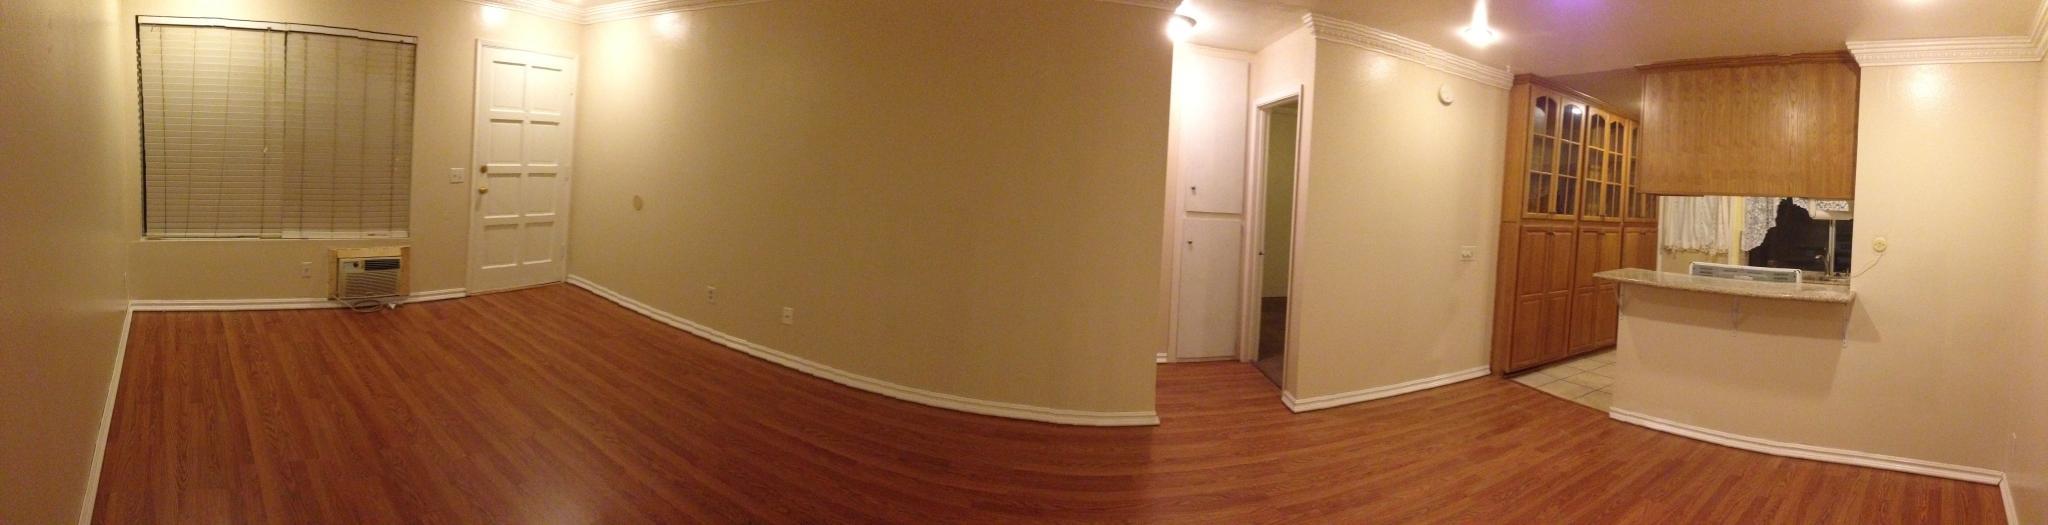 7100 Cerritos Ave #43, Stanton, CA 90680 For Rent | Trulia